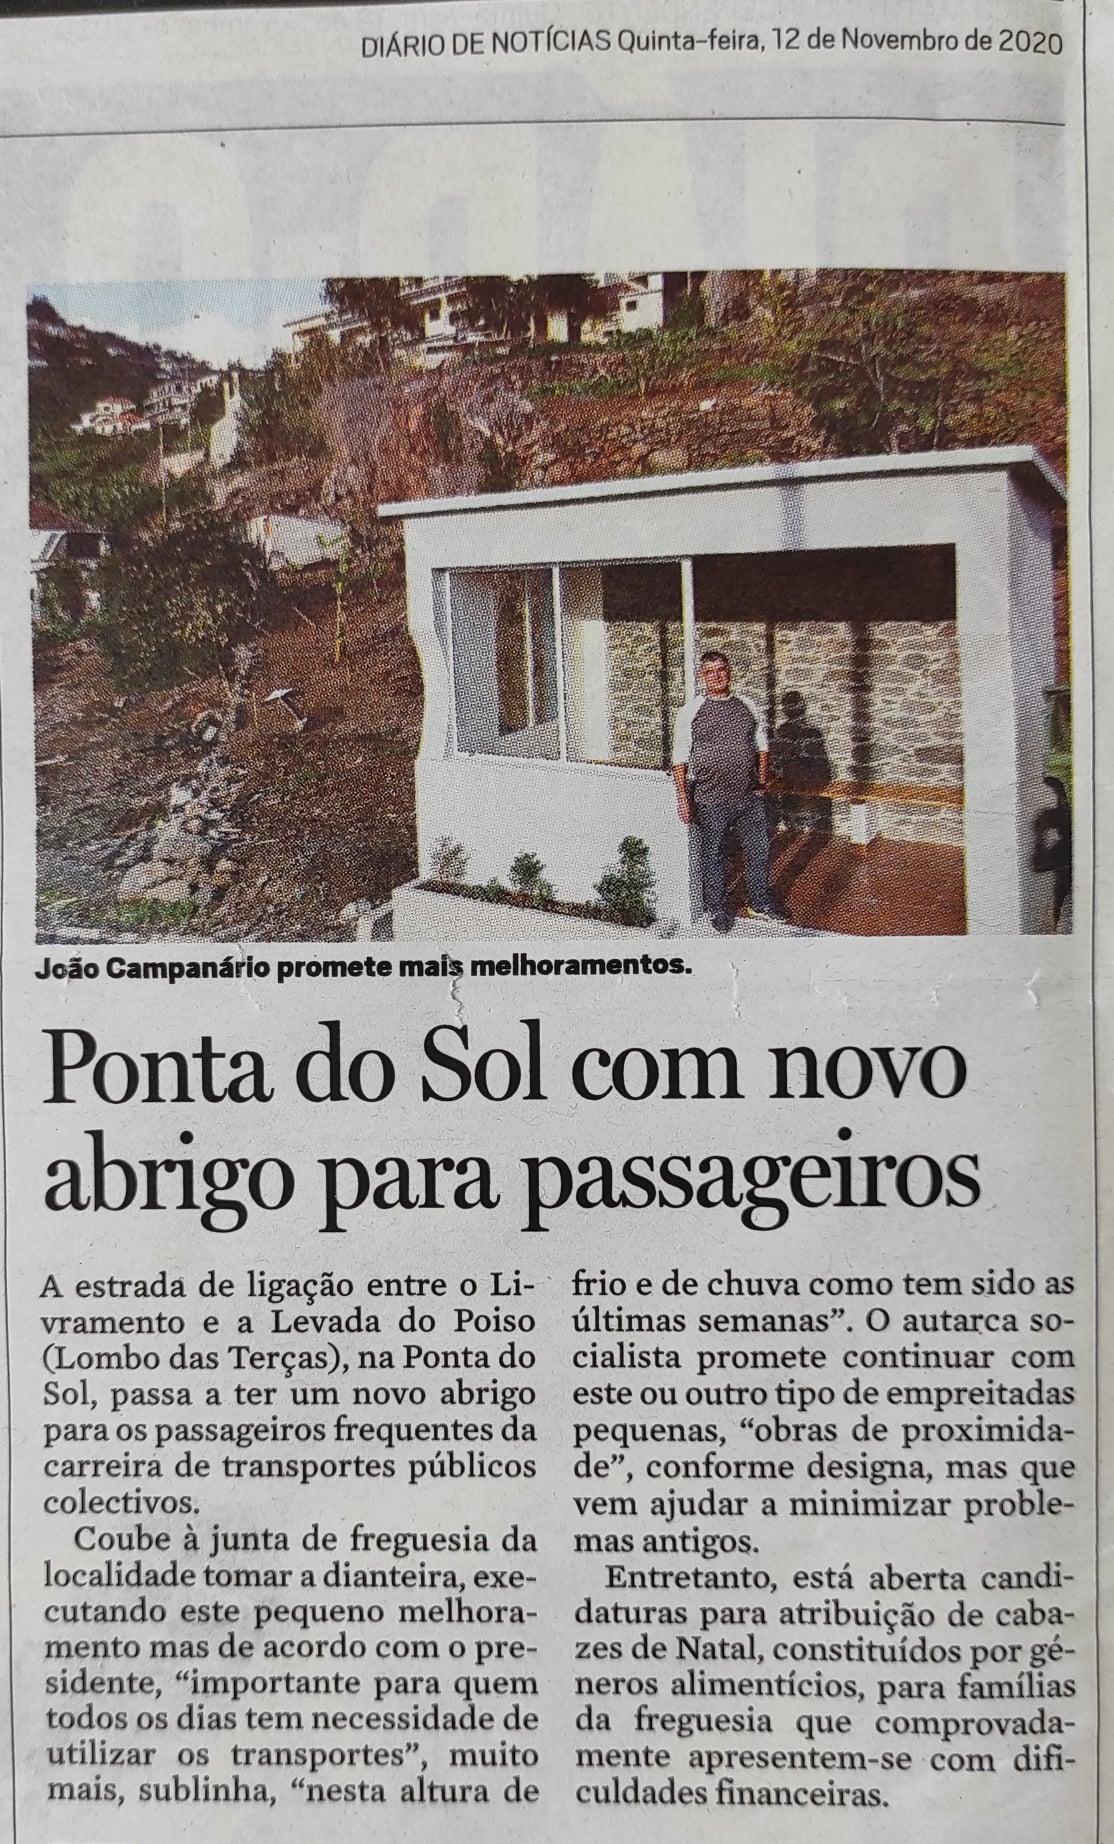 Ponta do Sol com novo abrigo de passageiros